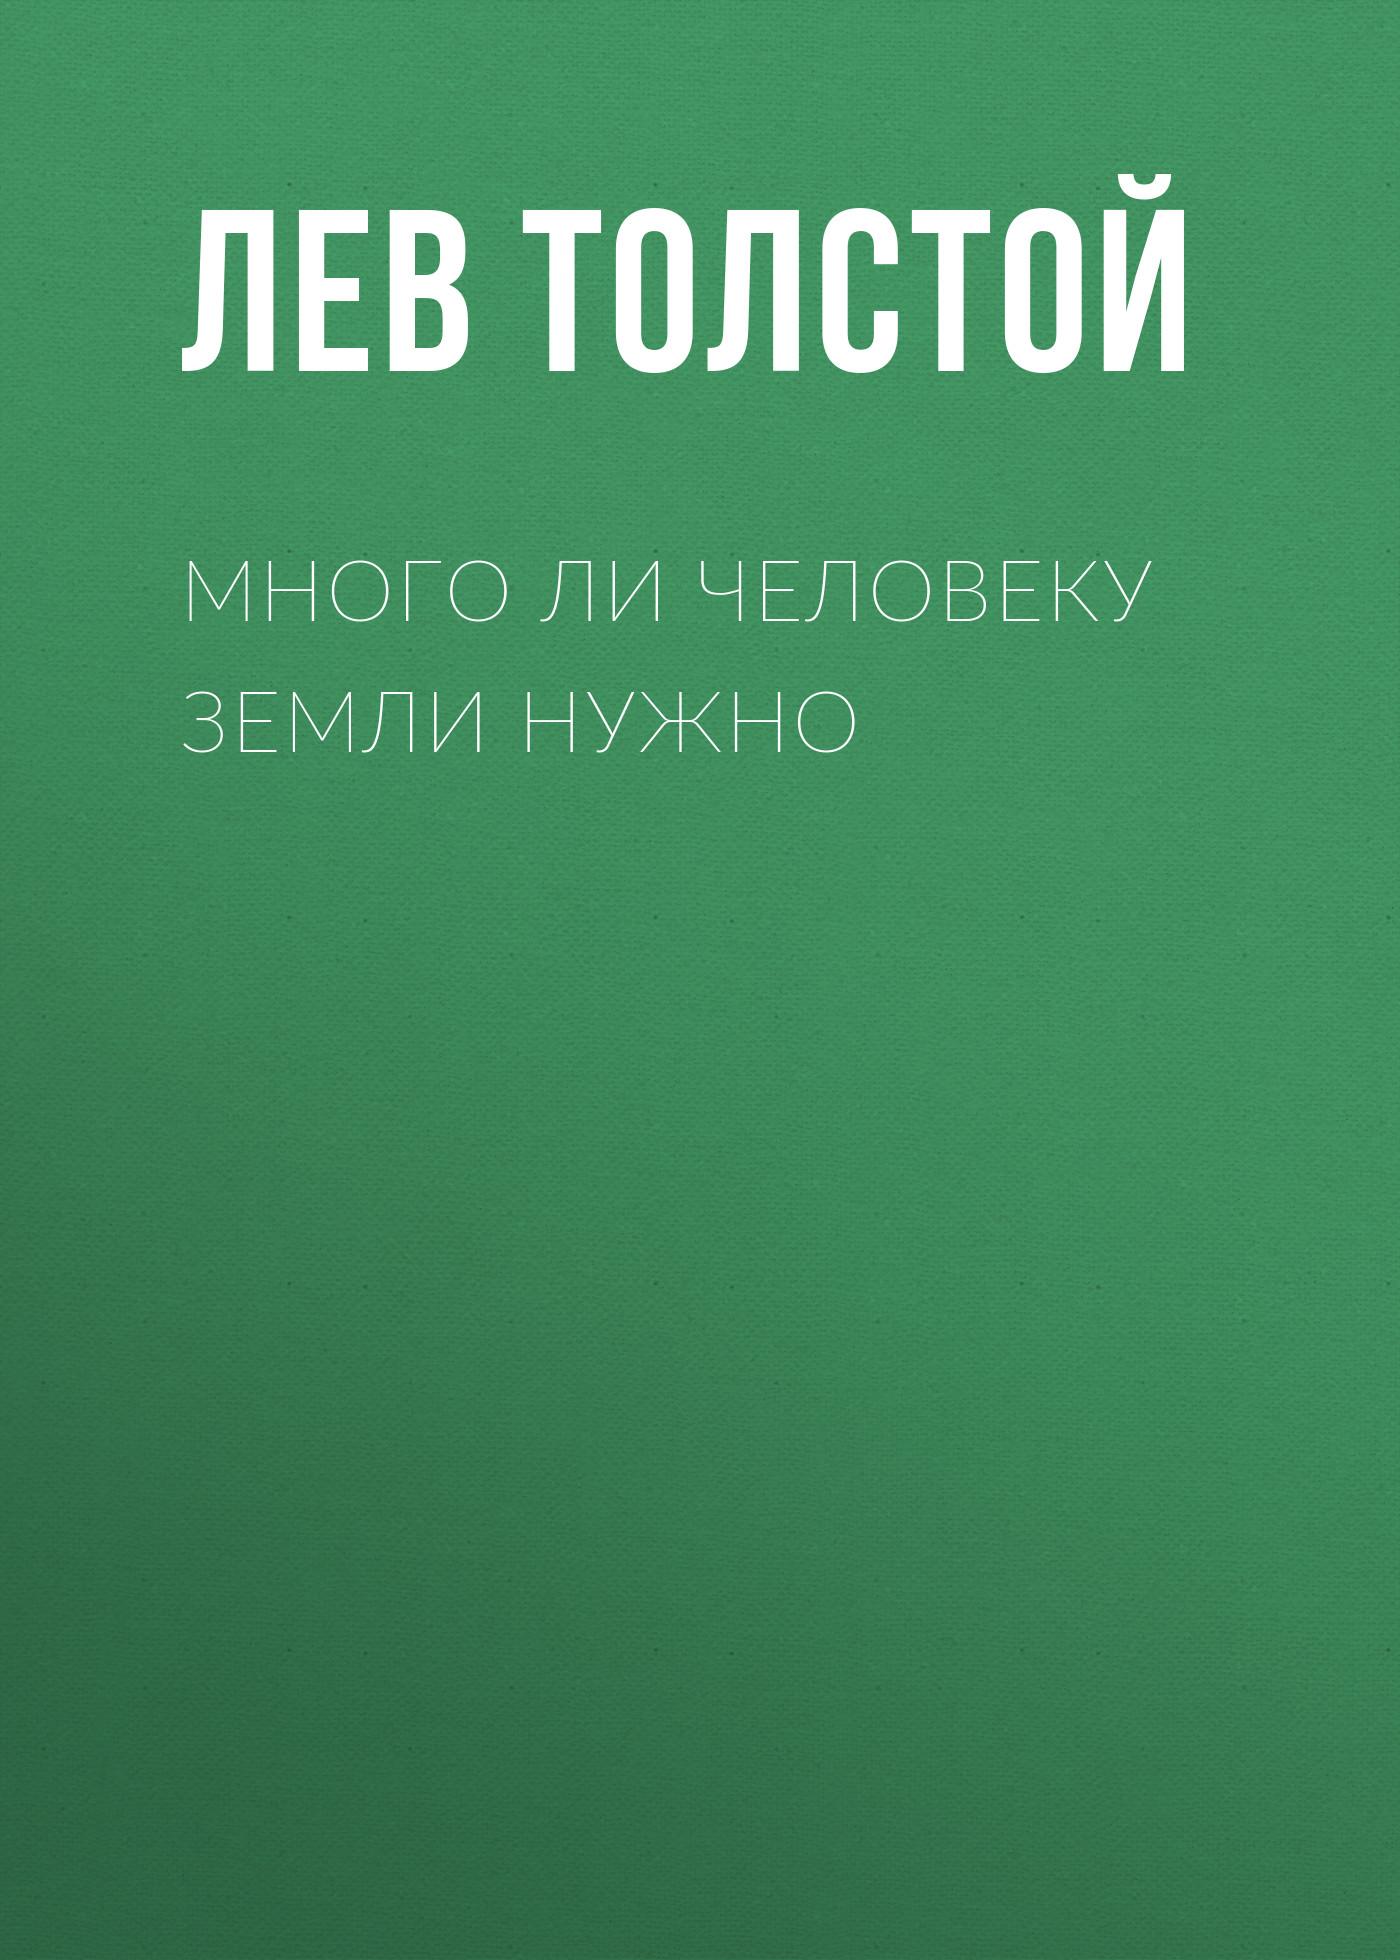 Лев Толстой Много ли человеку земли нужно